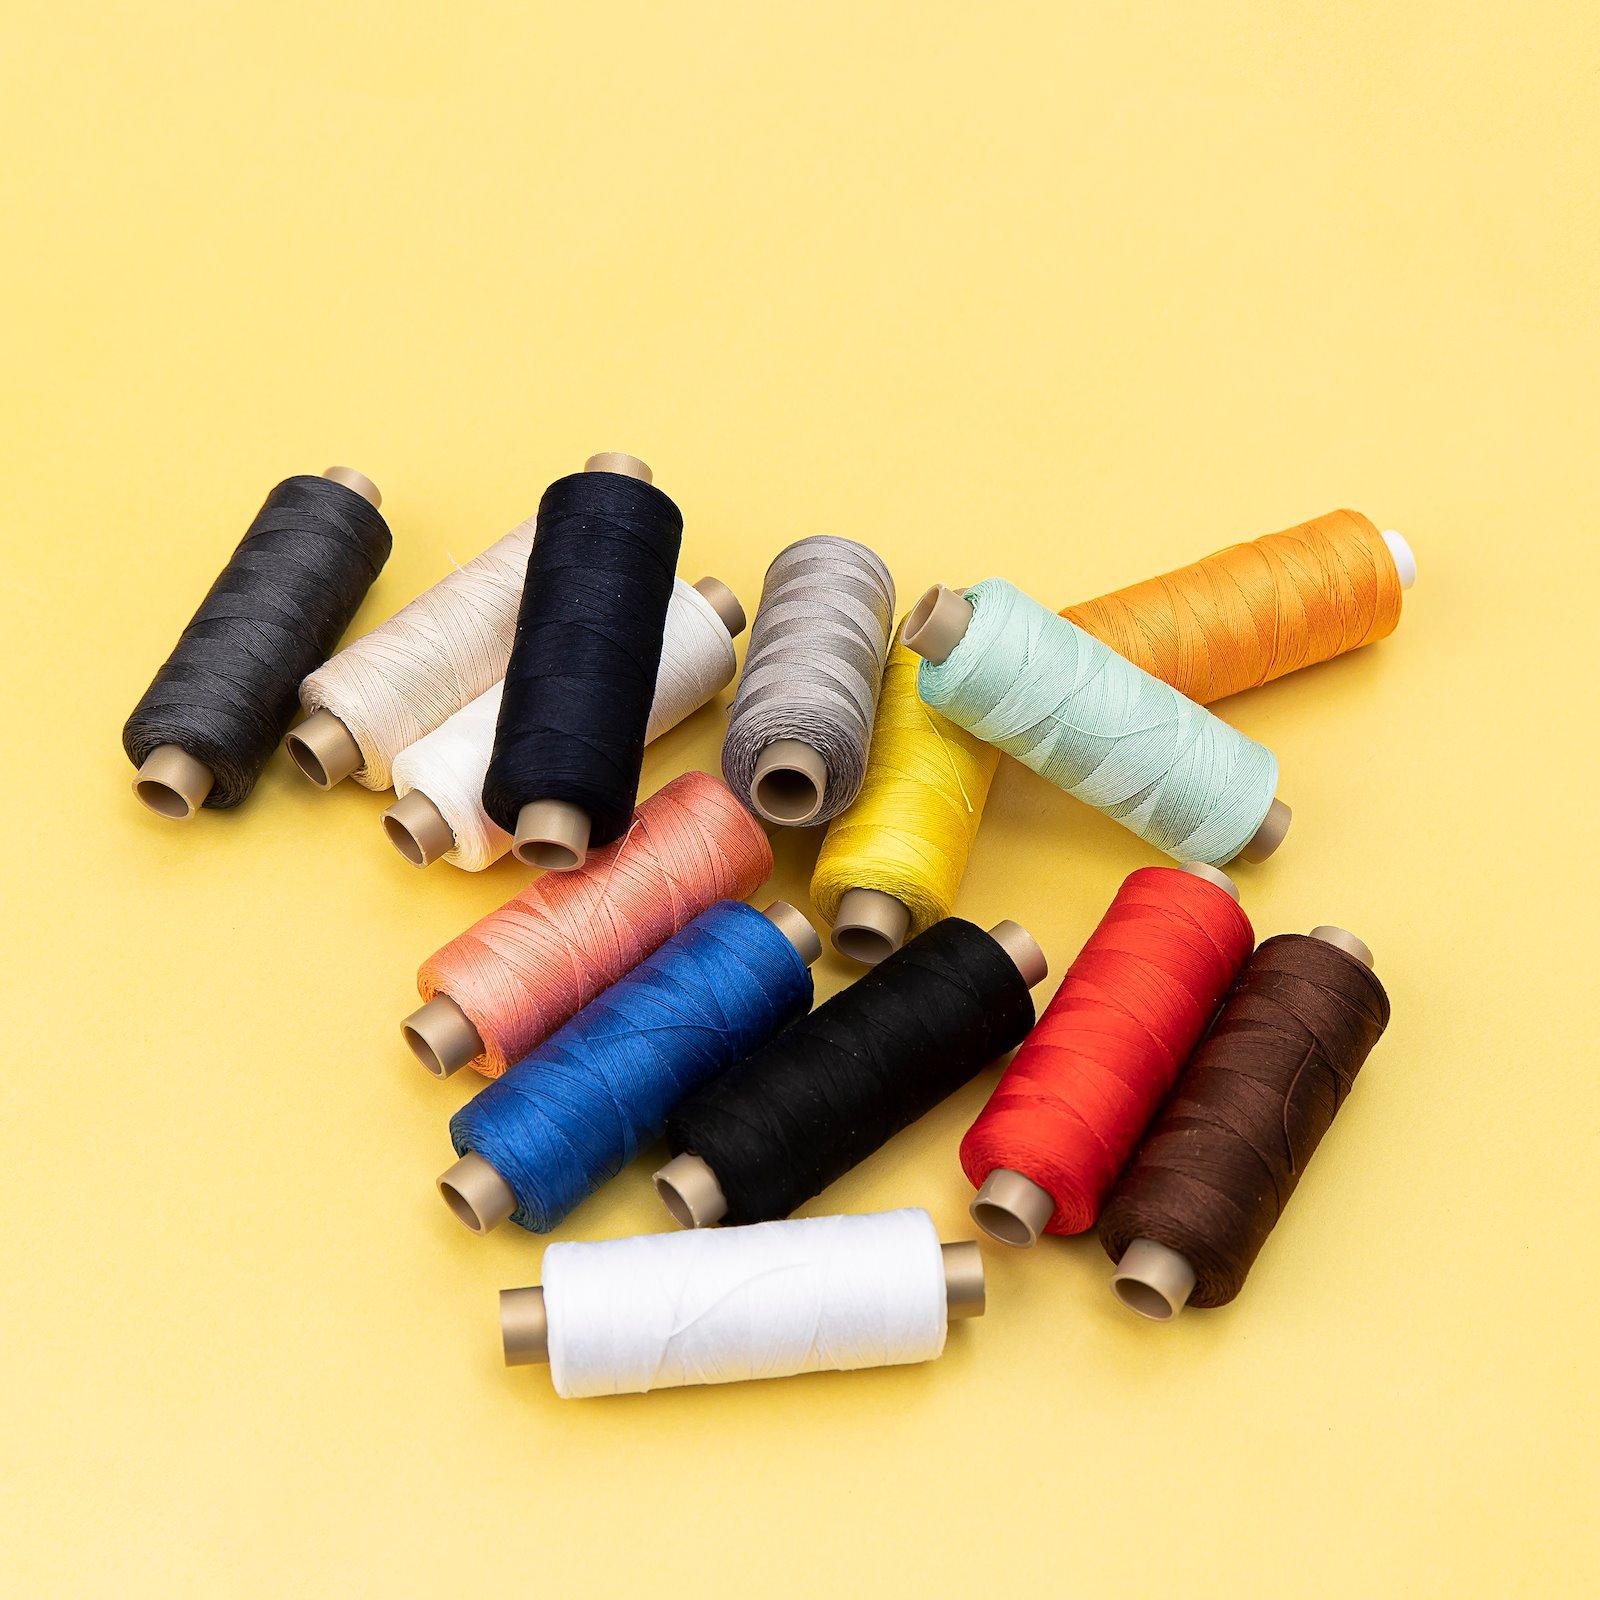 Quilting thread rose 300m 19043_19037_19040_19001_19006_19021_19005_19009_19038_19002_19023_19011_19092_19042_bundle